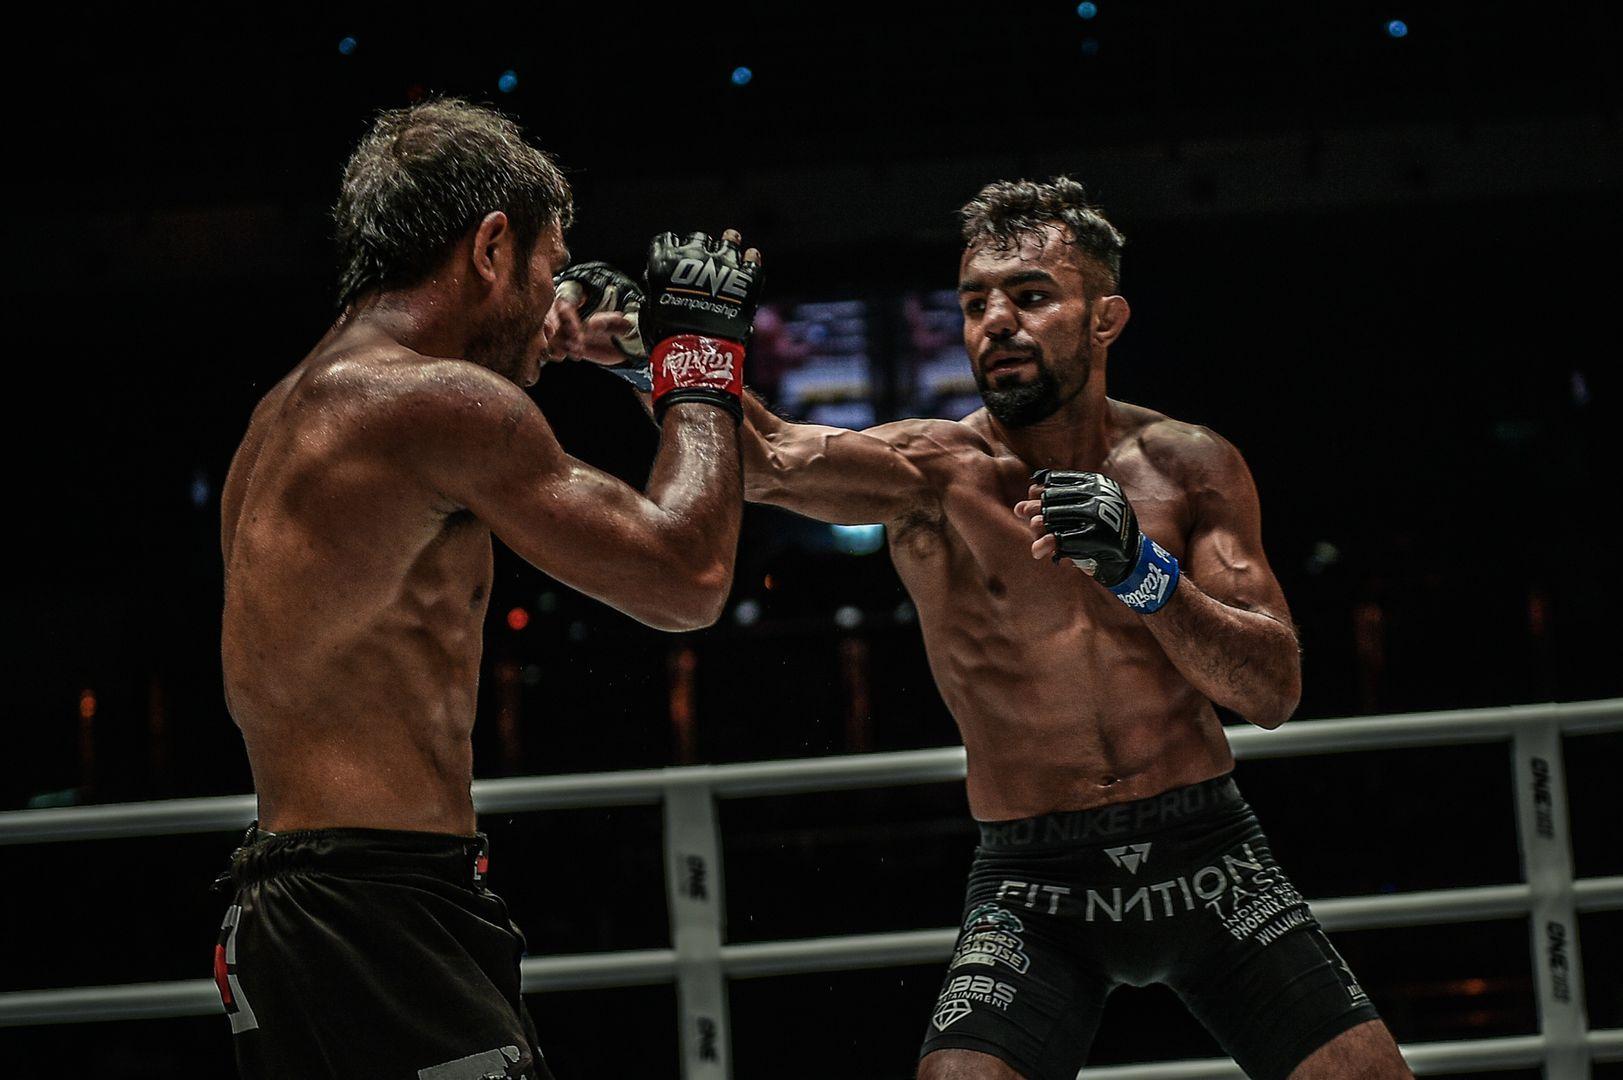 Indian mixed martial arts star Gurdarshan Mangat throws a jab